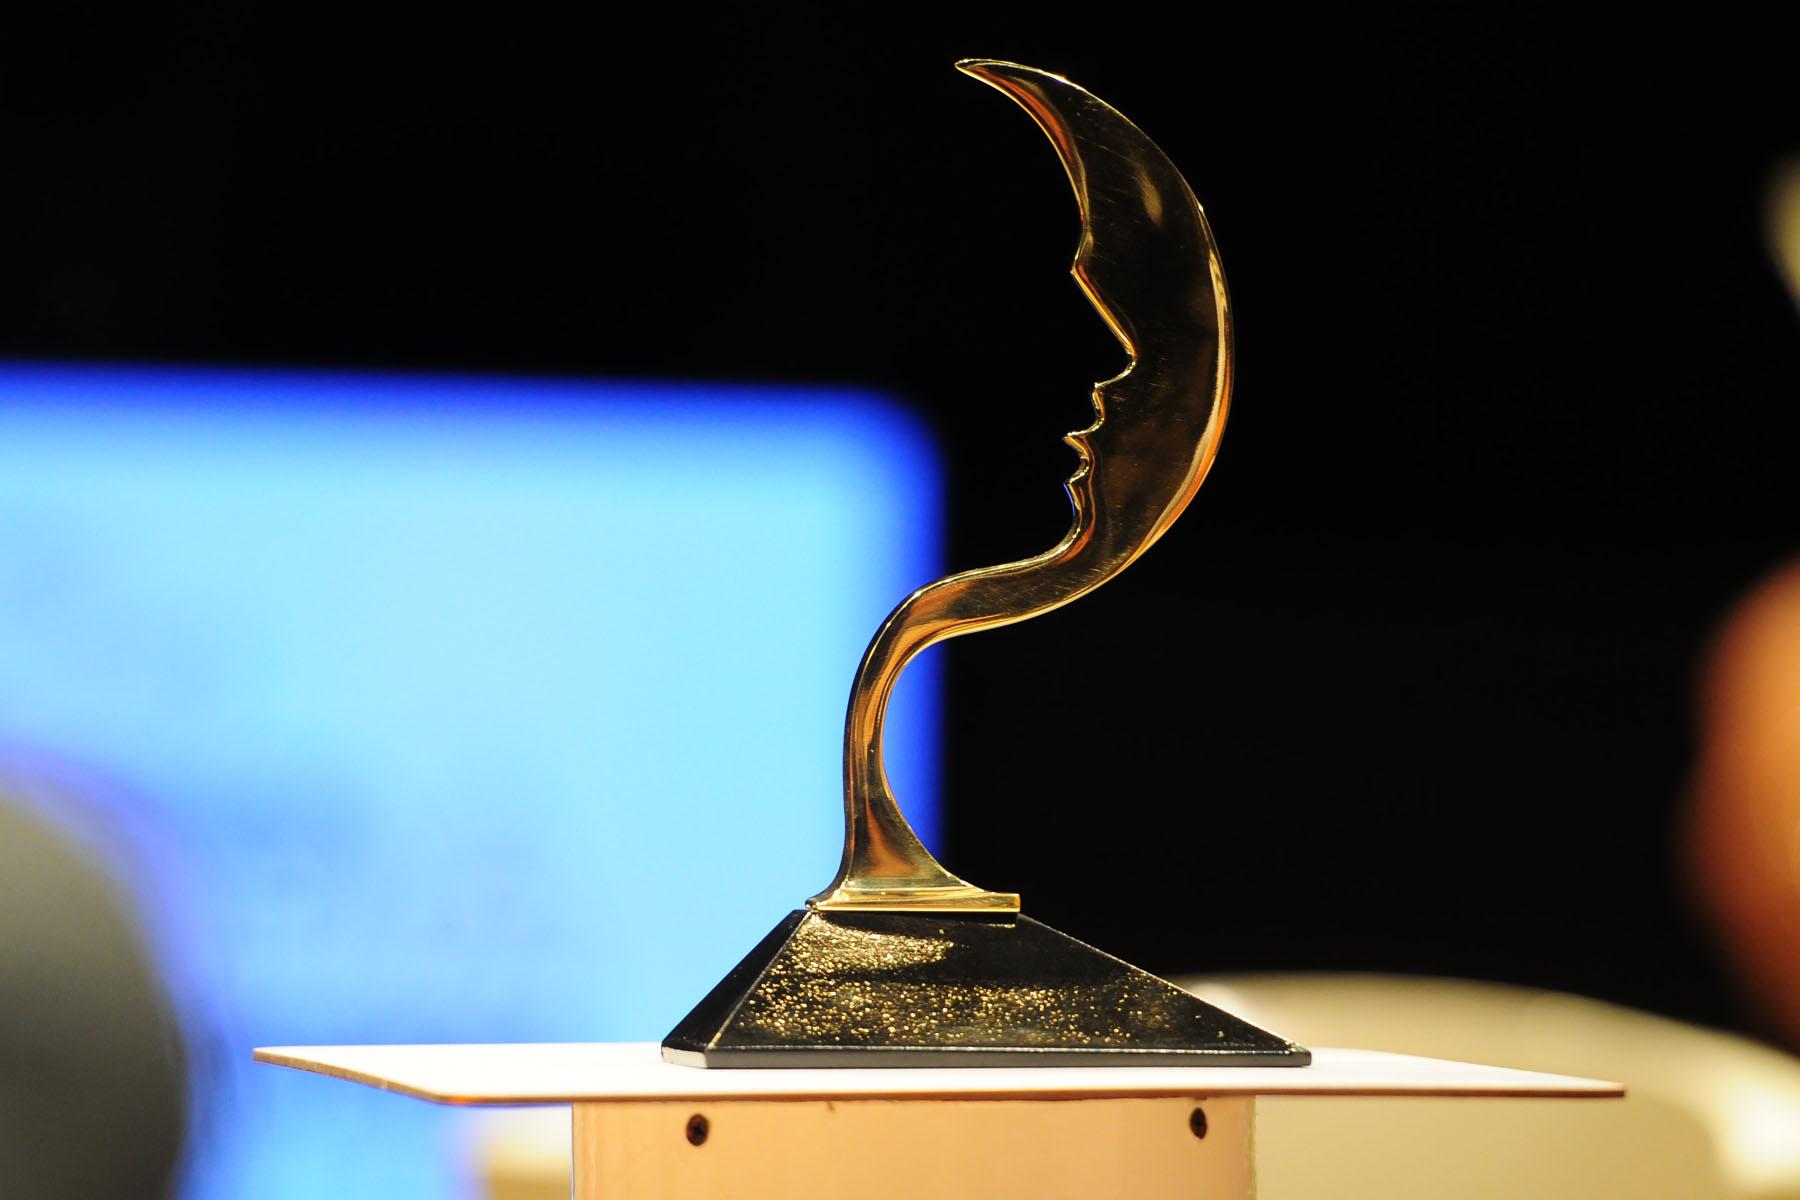 Foto: Cerimônia de entrega do Prêmio Jornalístico Vladimir Herzog ocorre nesta quinta, 24 de outubro